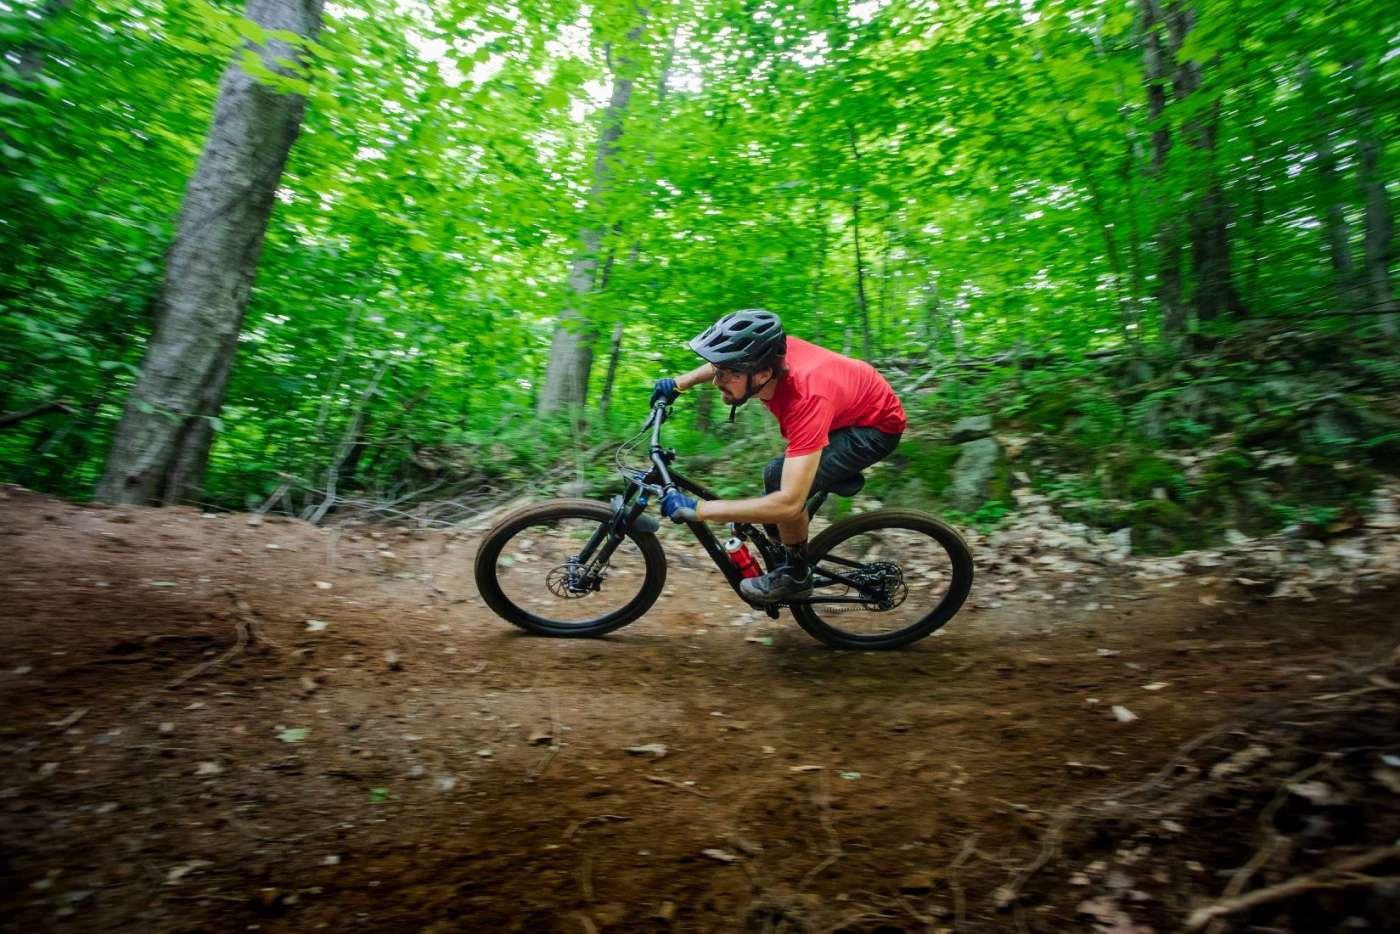 Homme avec un t-shirt rouge et un casque noir qui effectue un virage dans un sentir de terre dans la forêt sur son vélo de montagne